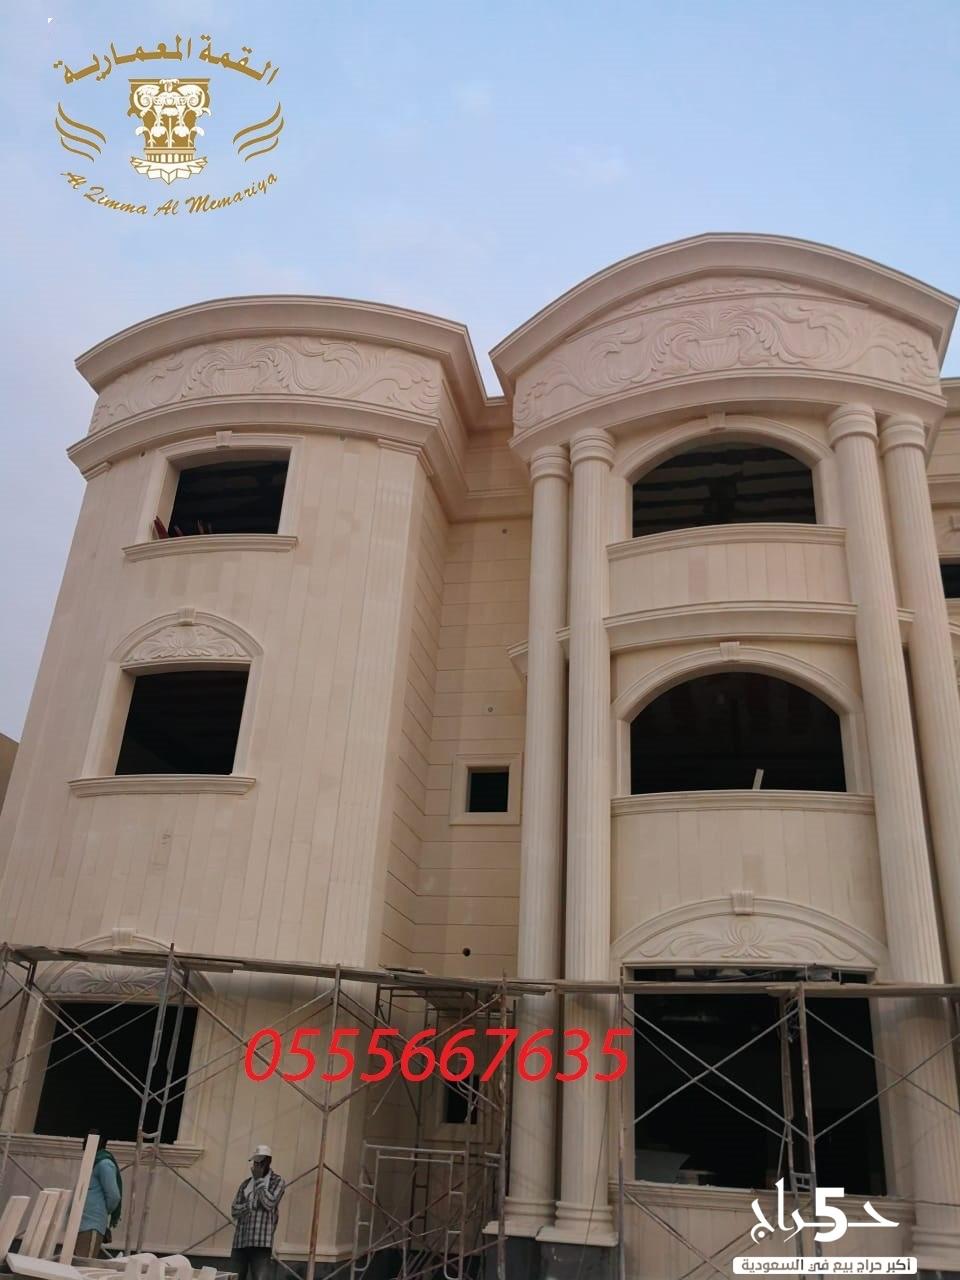 واجهات منازل حجر طبيعي 0555667635